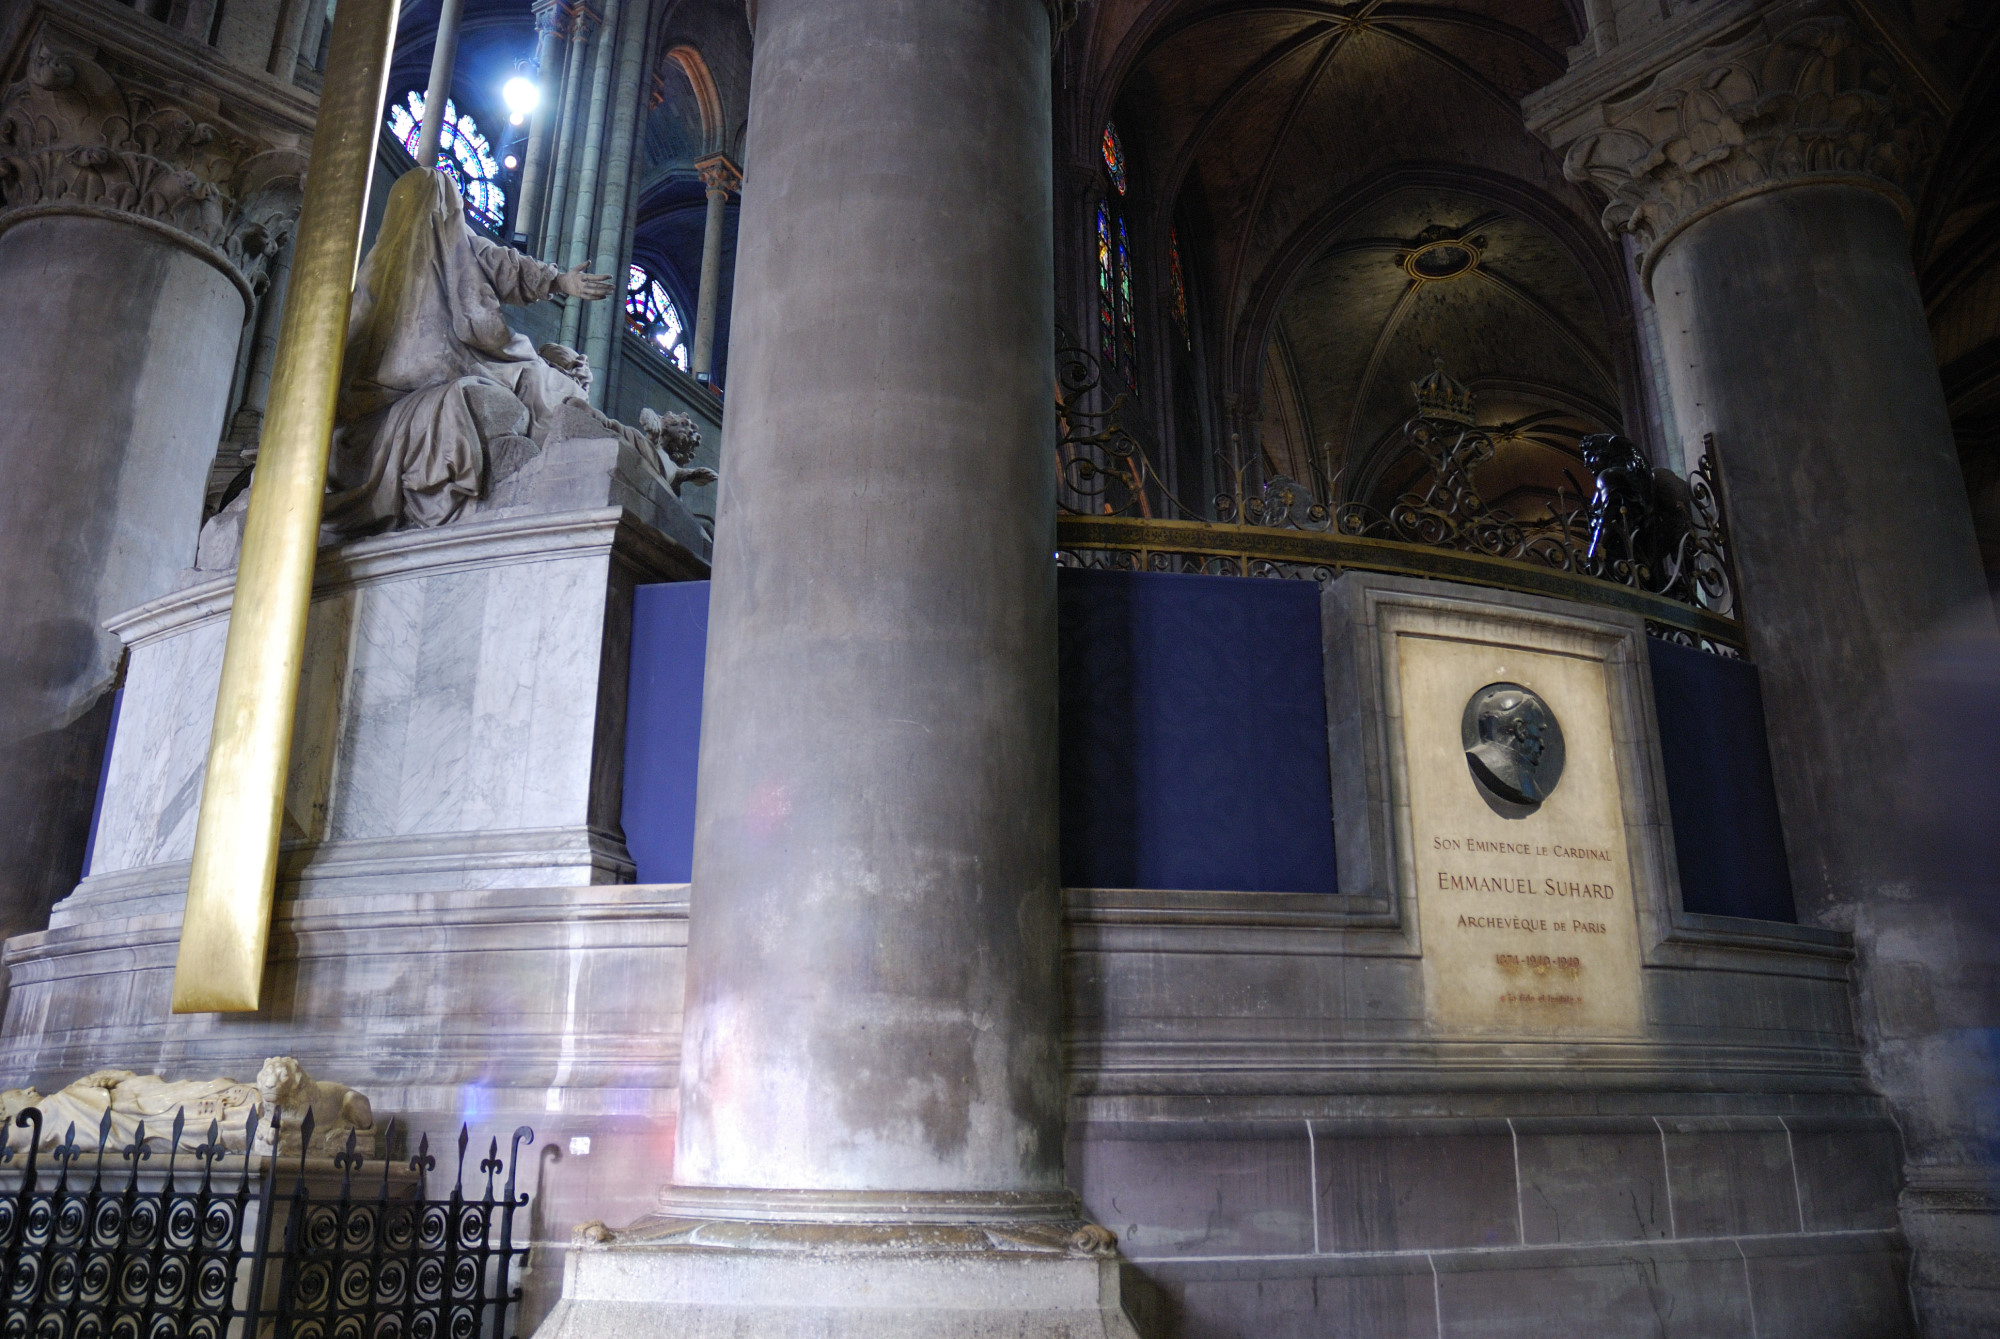 Notre Dame. Memorial de Emmanuel Suhard